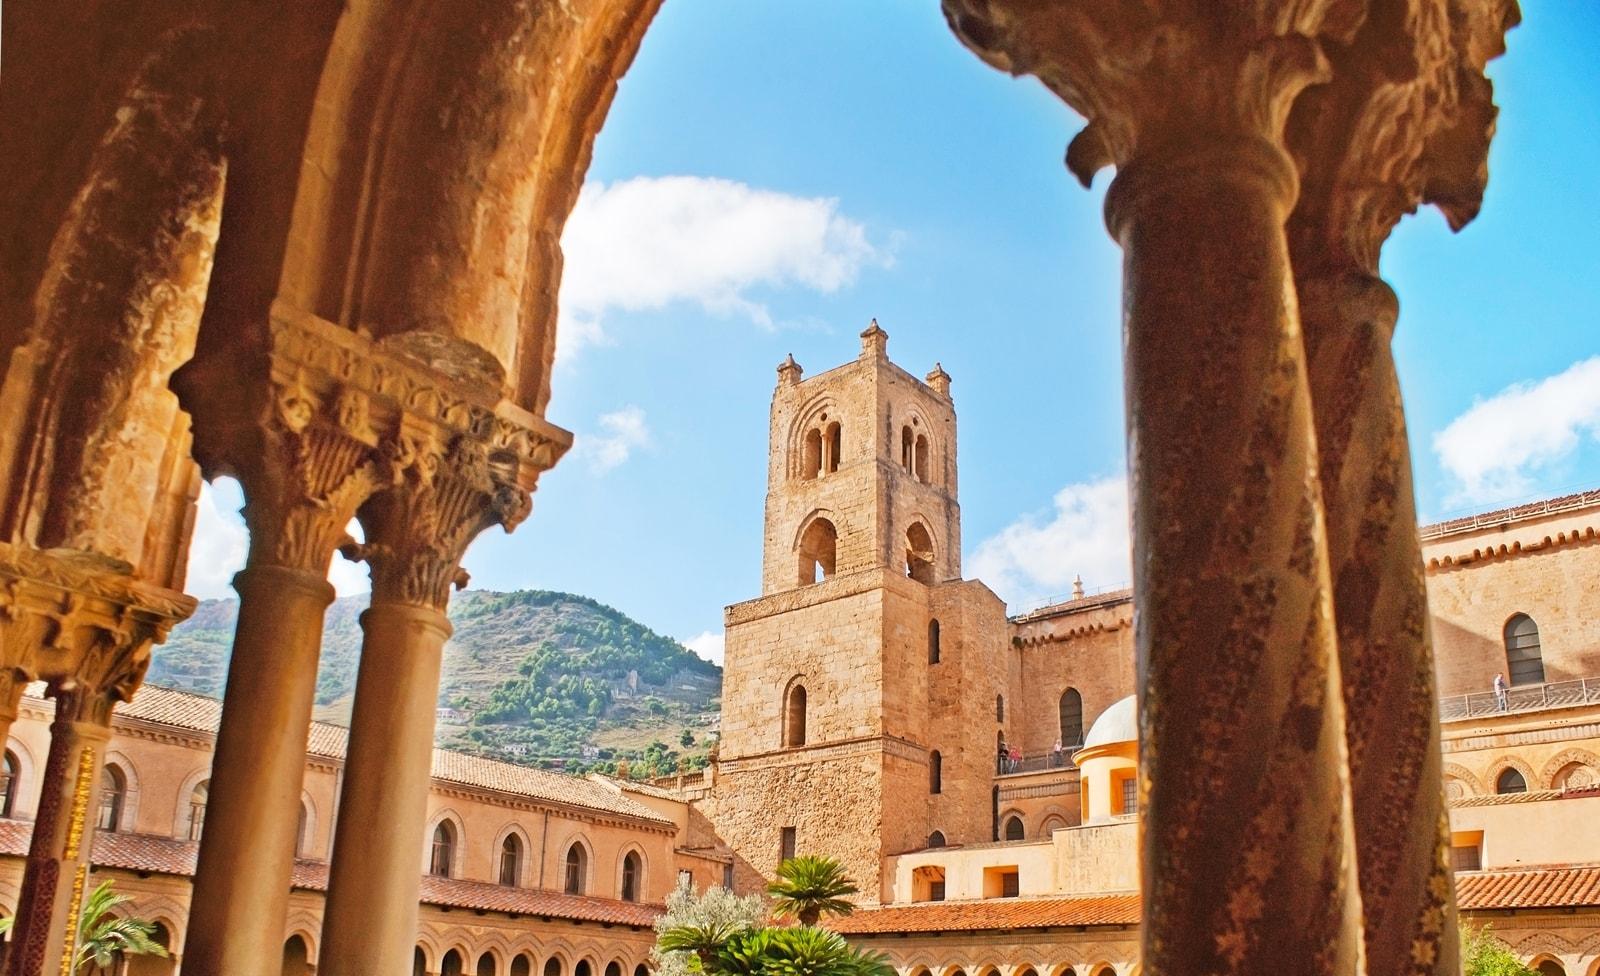 Kathedrale von Monreale in Palermo